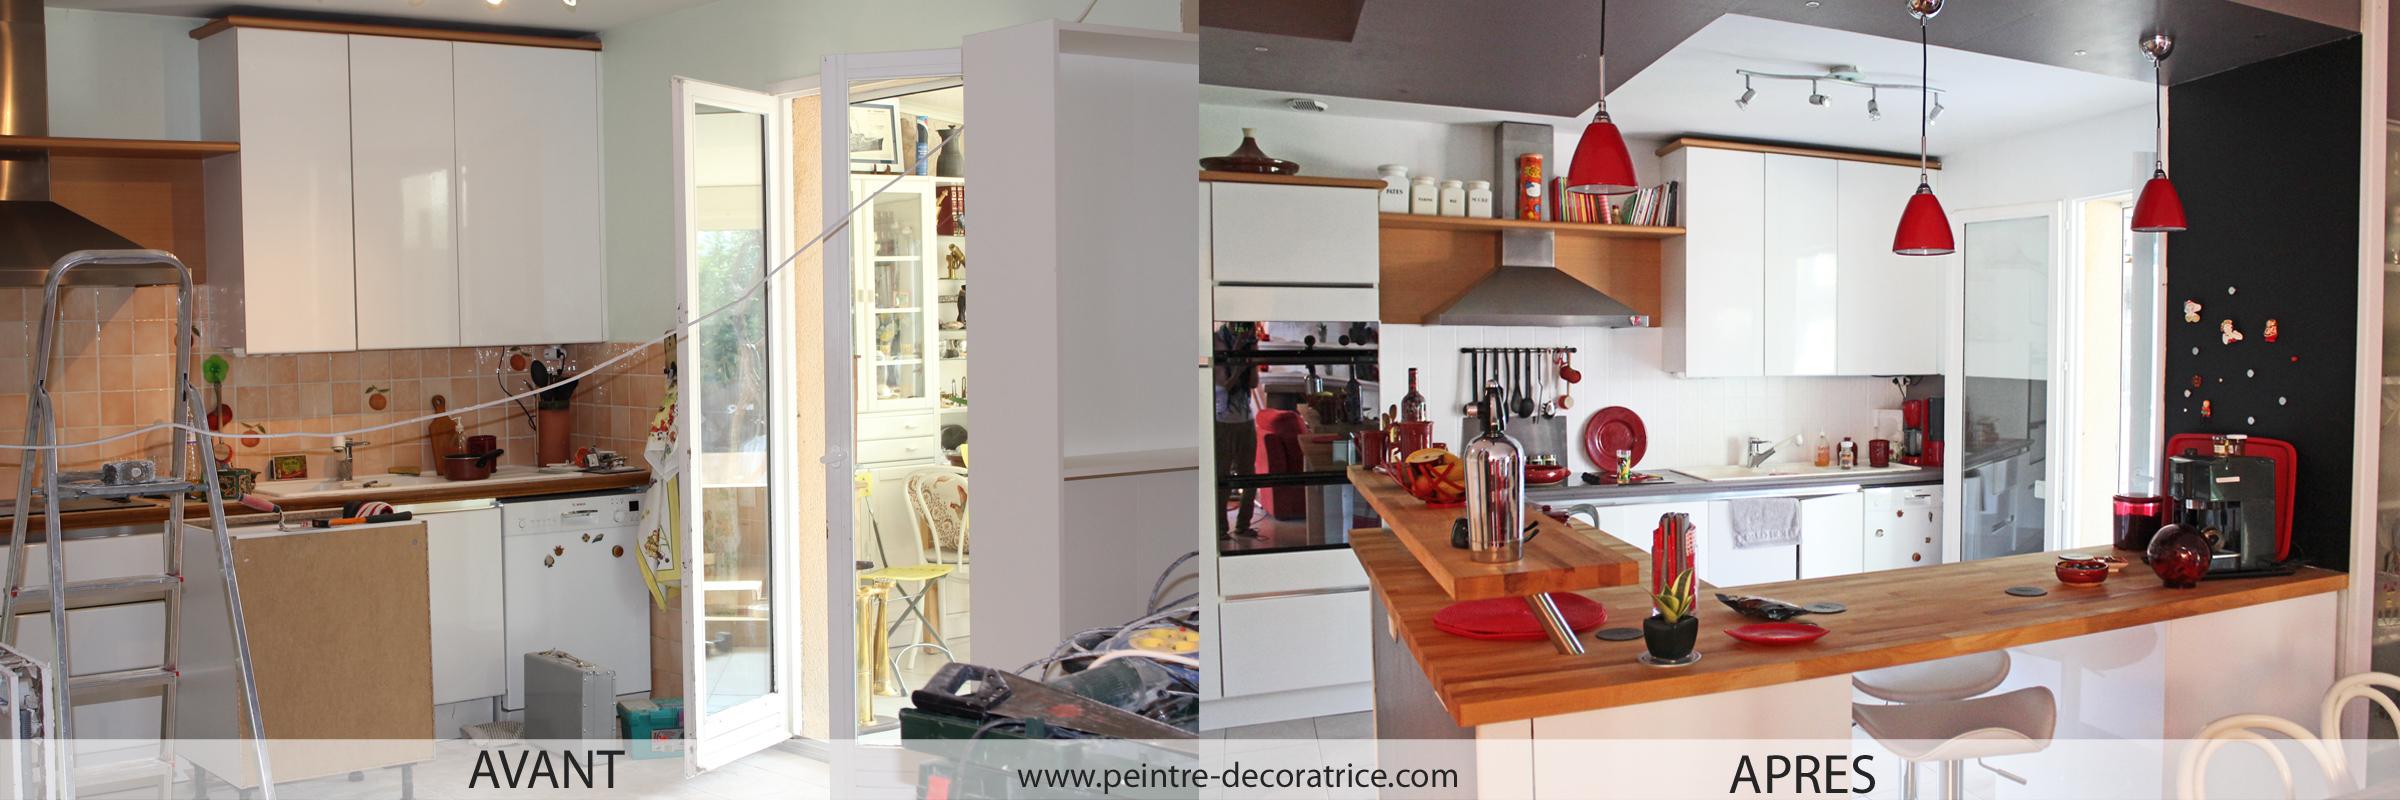 logiciel home staging finest home staging d et ralit. Black Bedroom Furniture Sets. Home Design Ideas